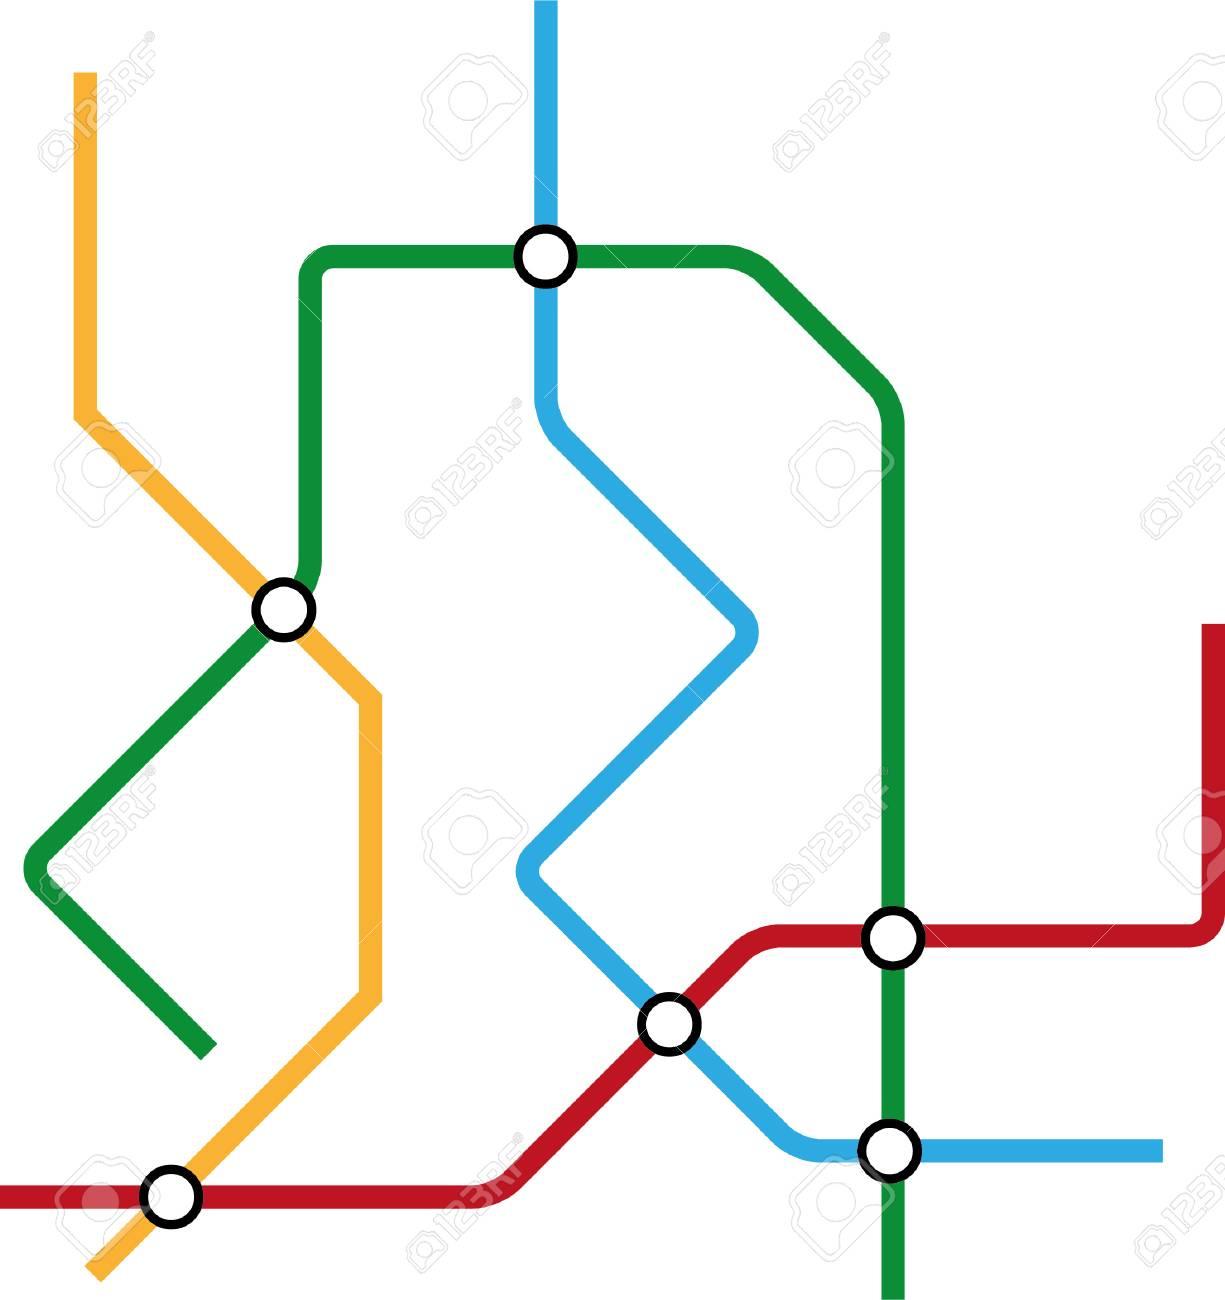 地下鉄地下鉄の路線図のイラスト素材ベクタ Image 88992194